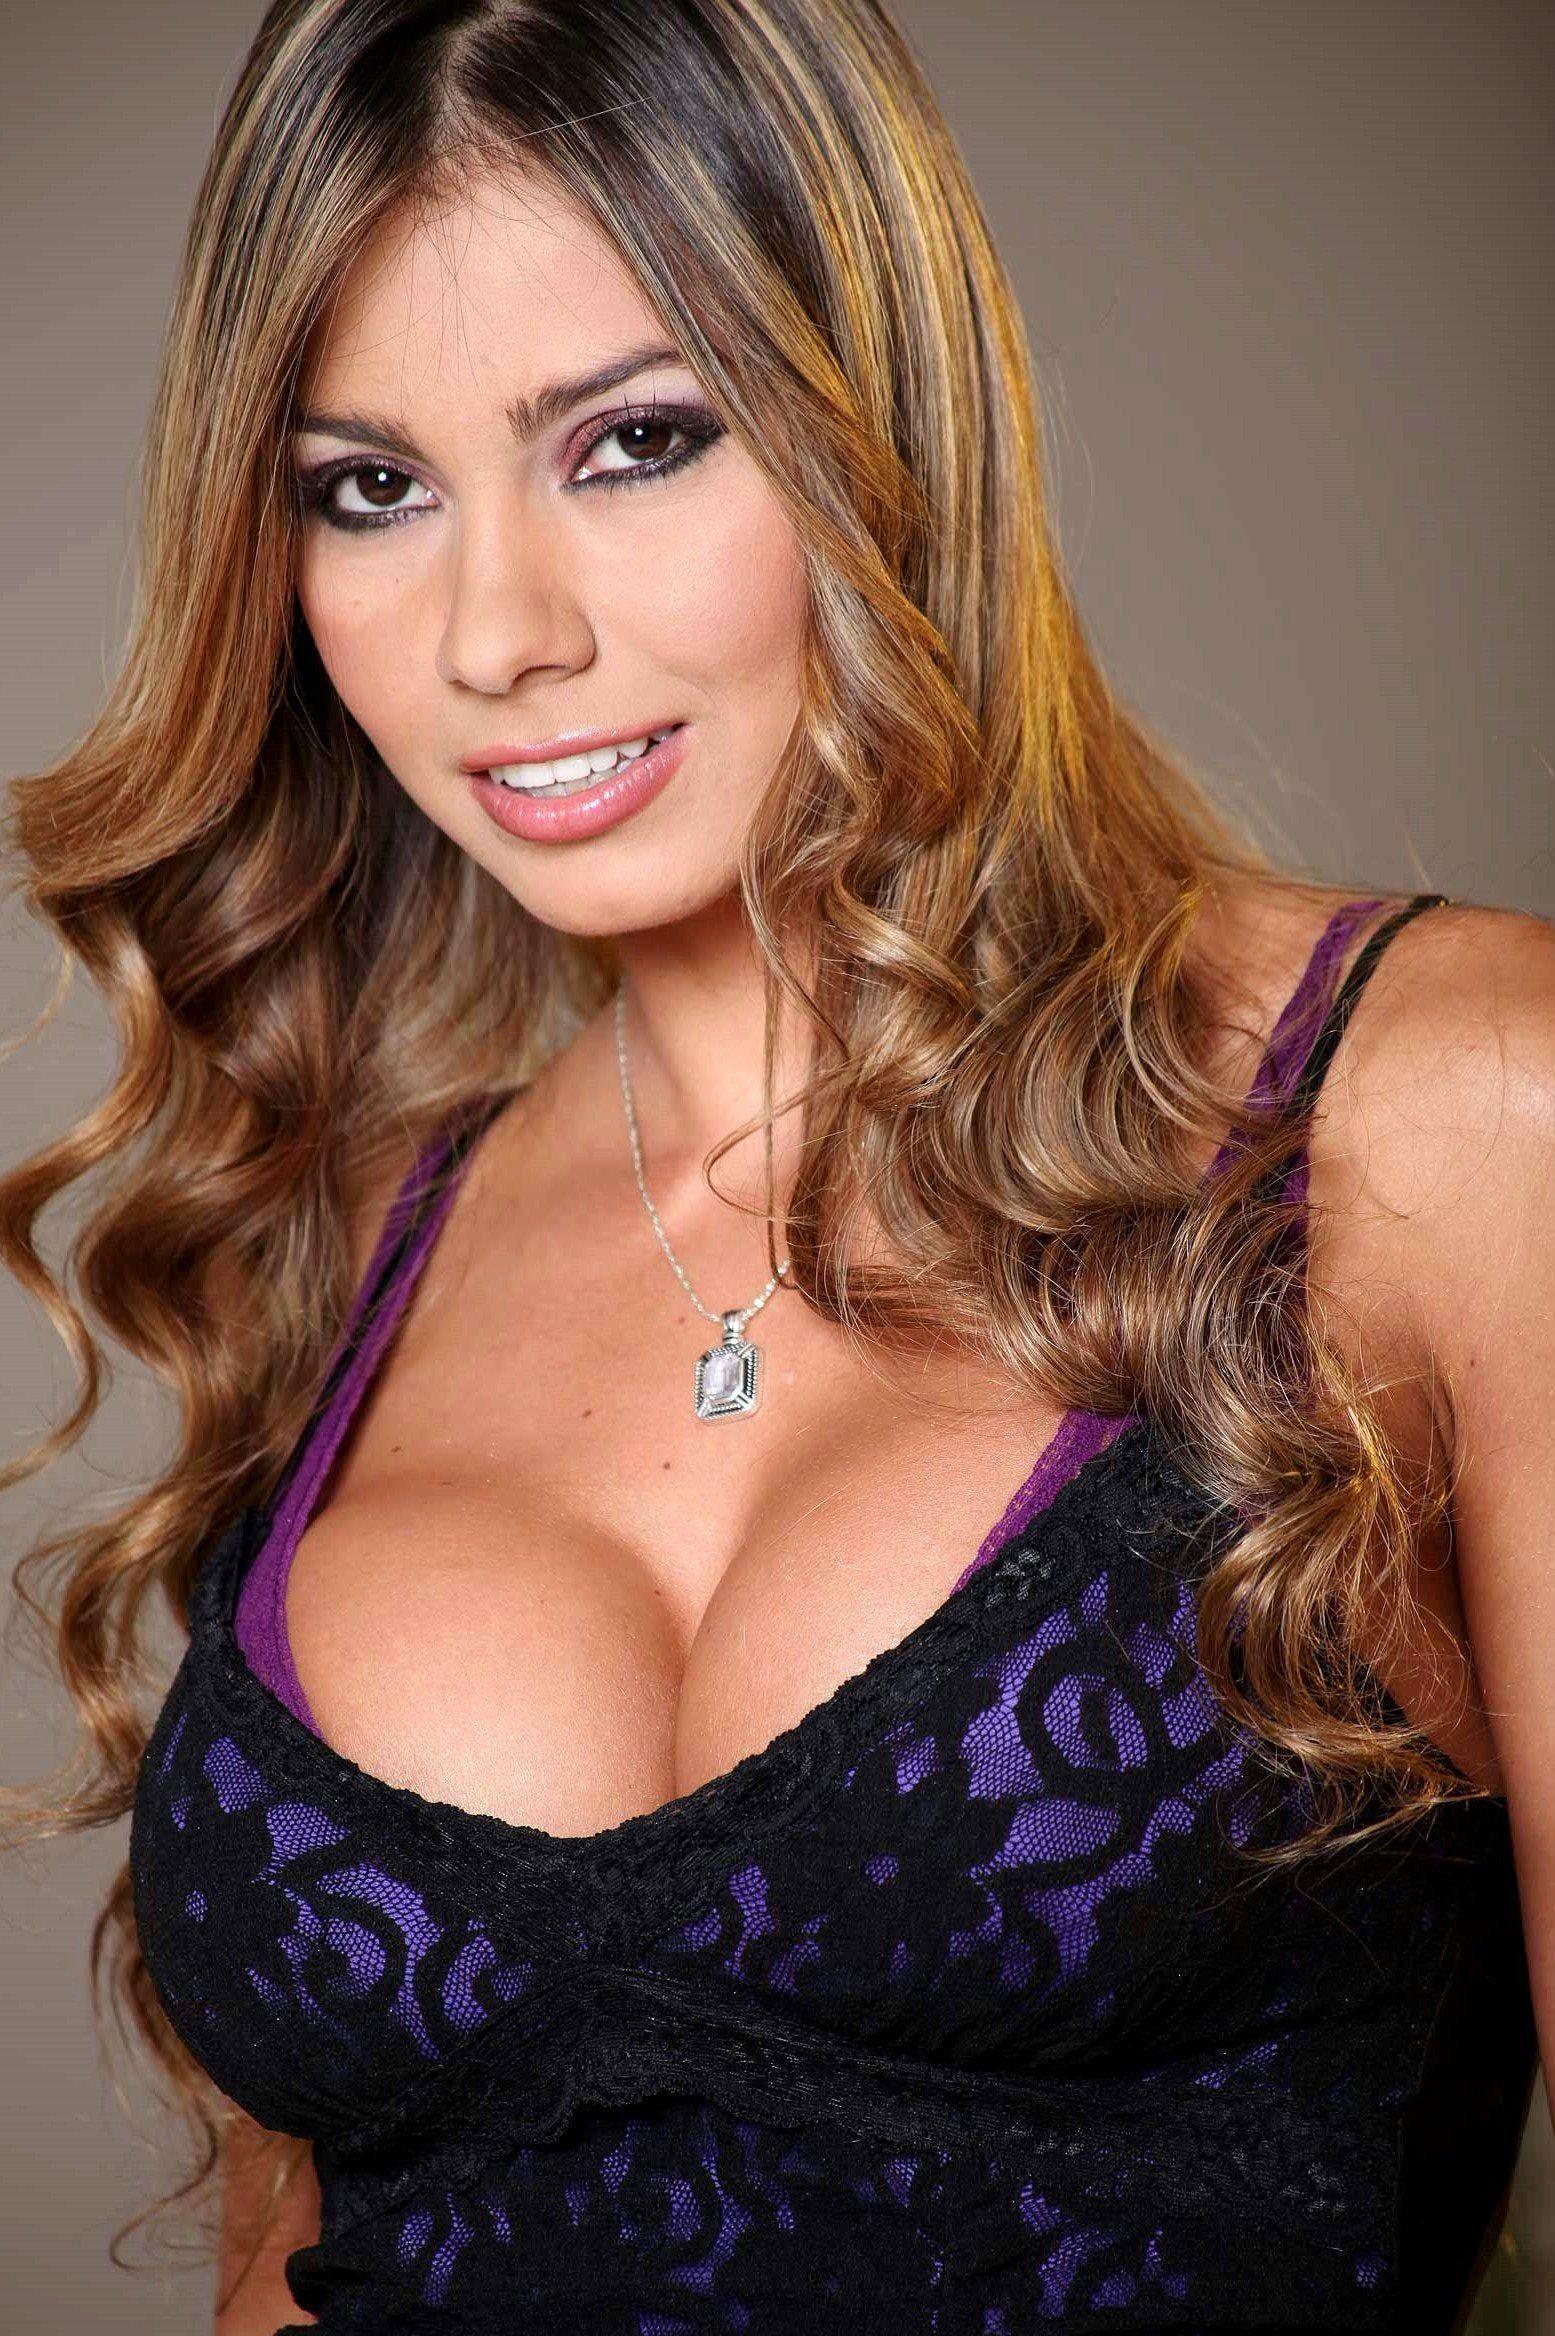 Latin porn stars list